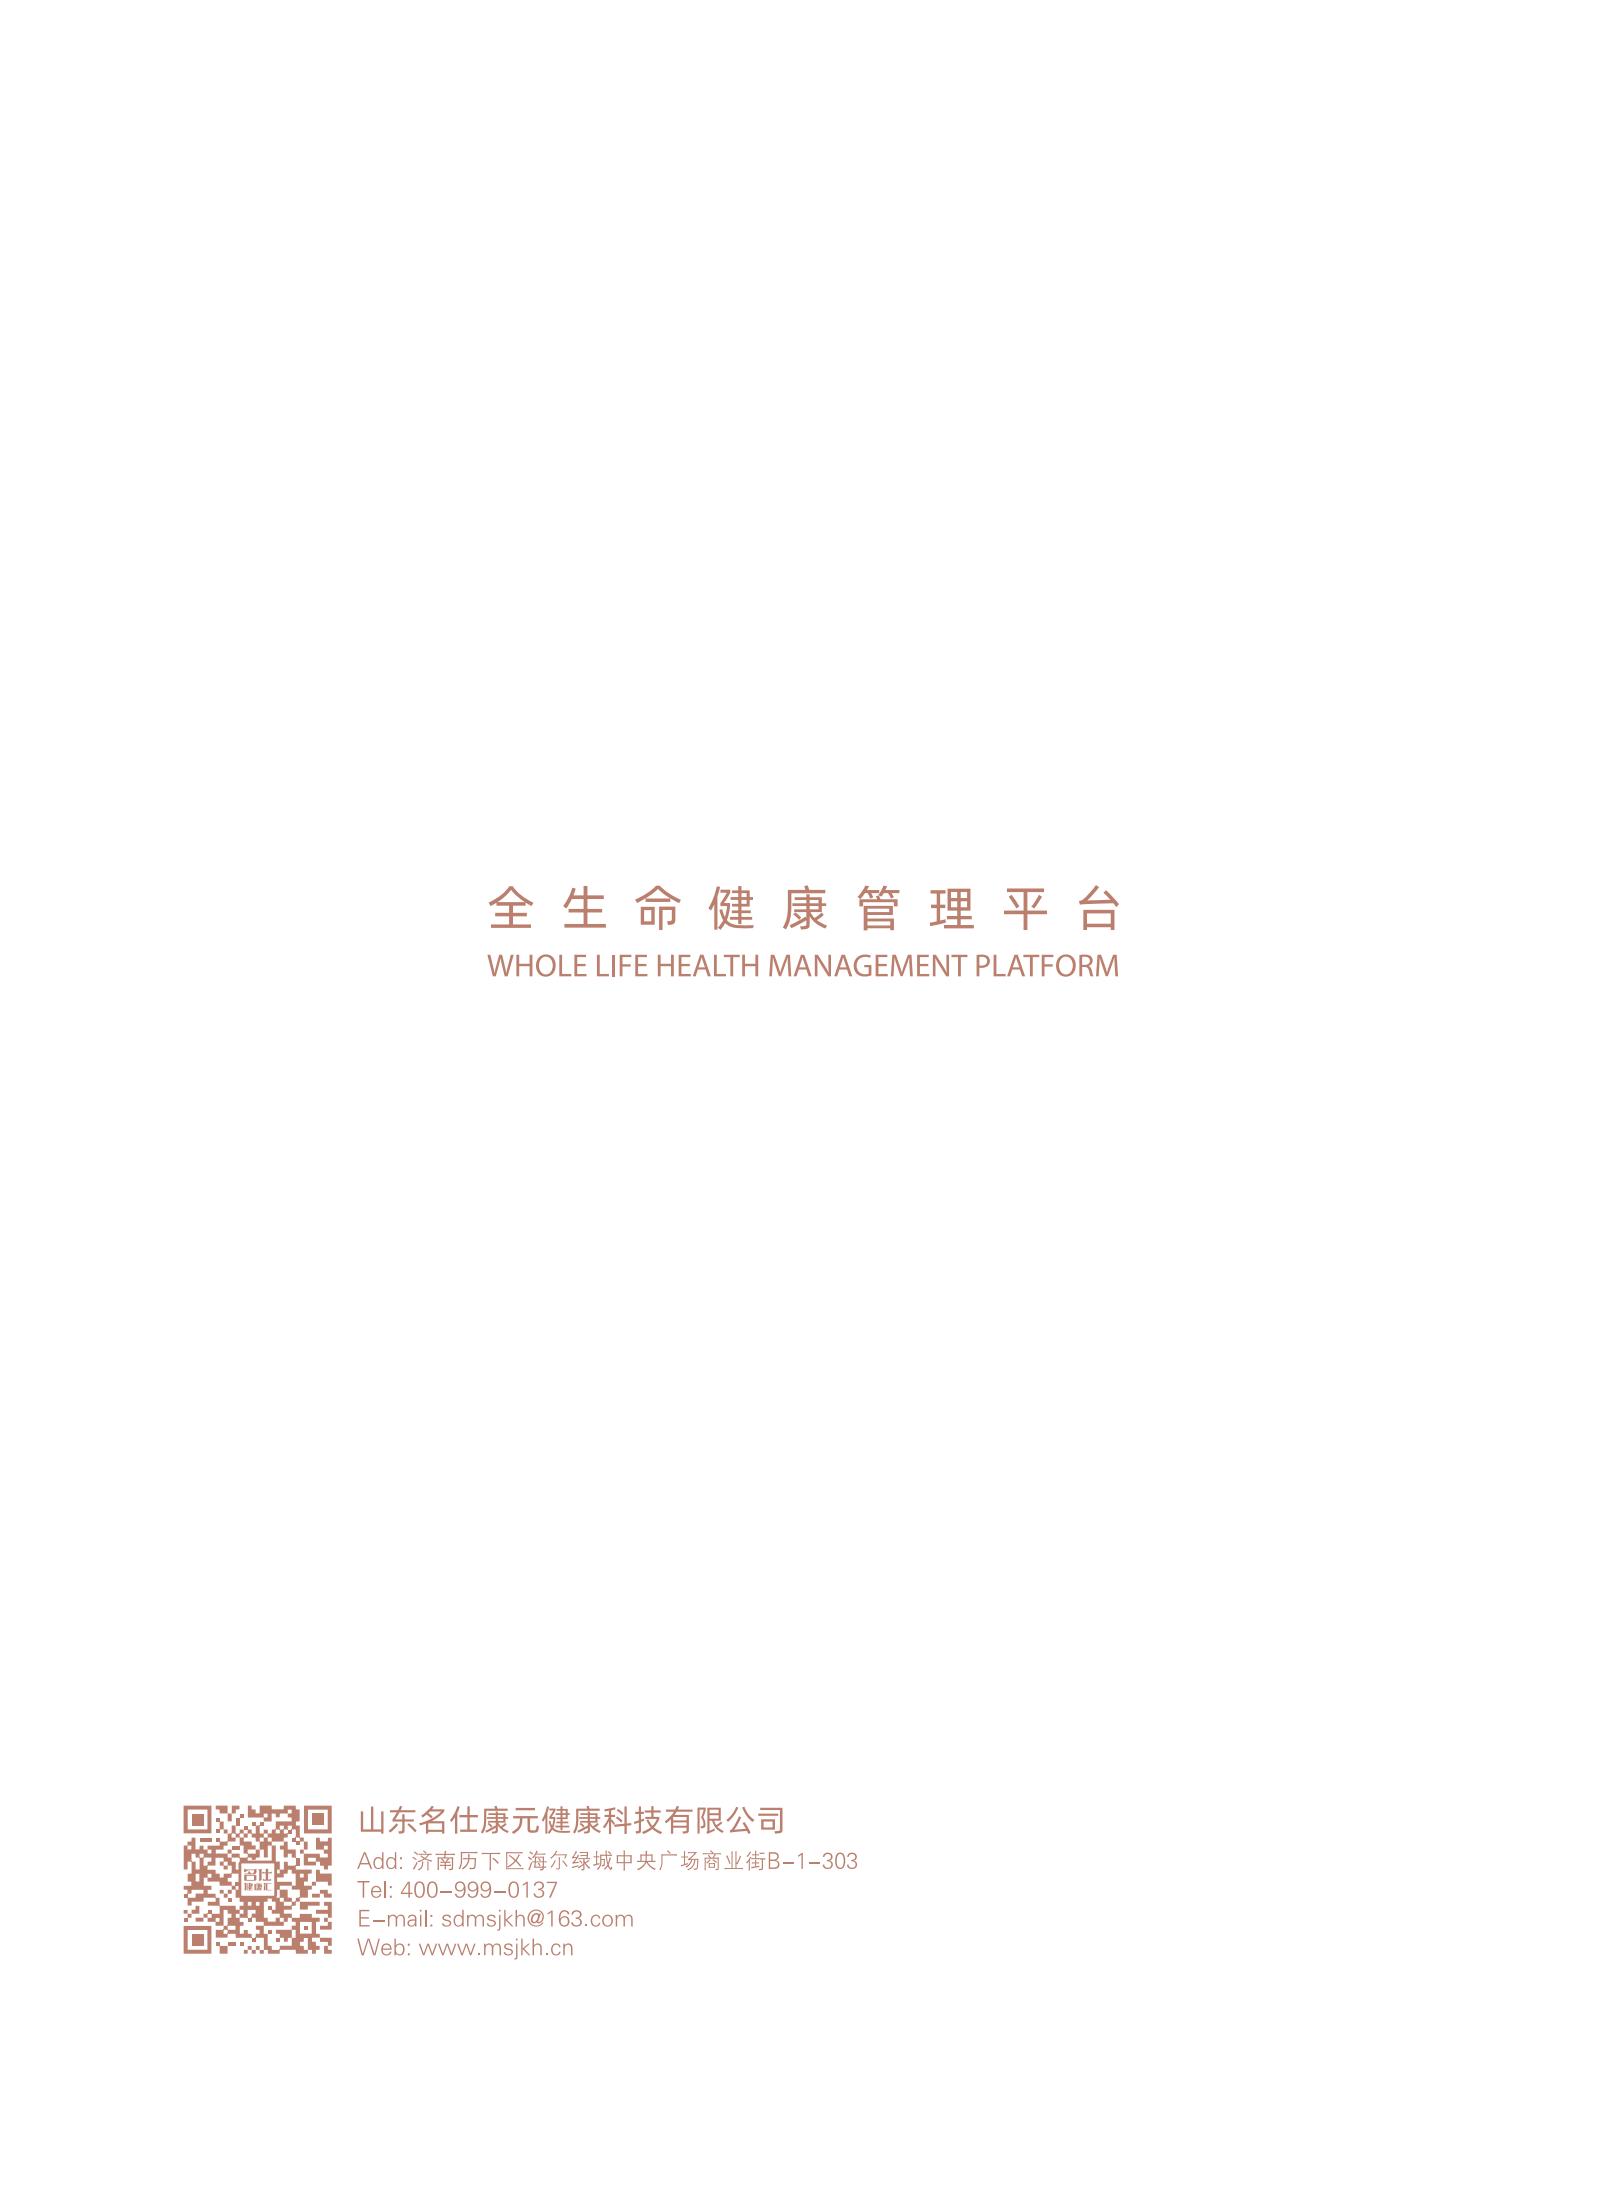 名仕健康汇-全系产品服务价格表6.3_03.png